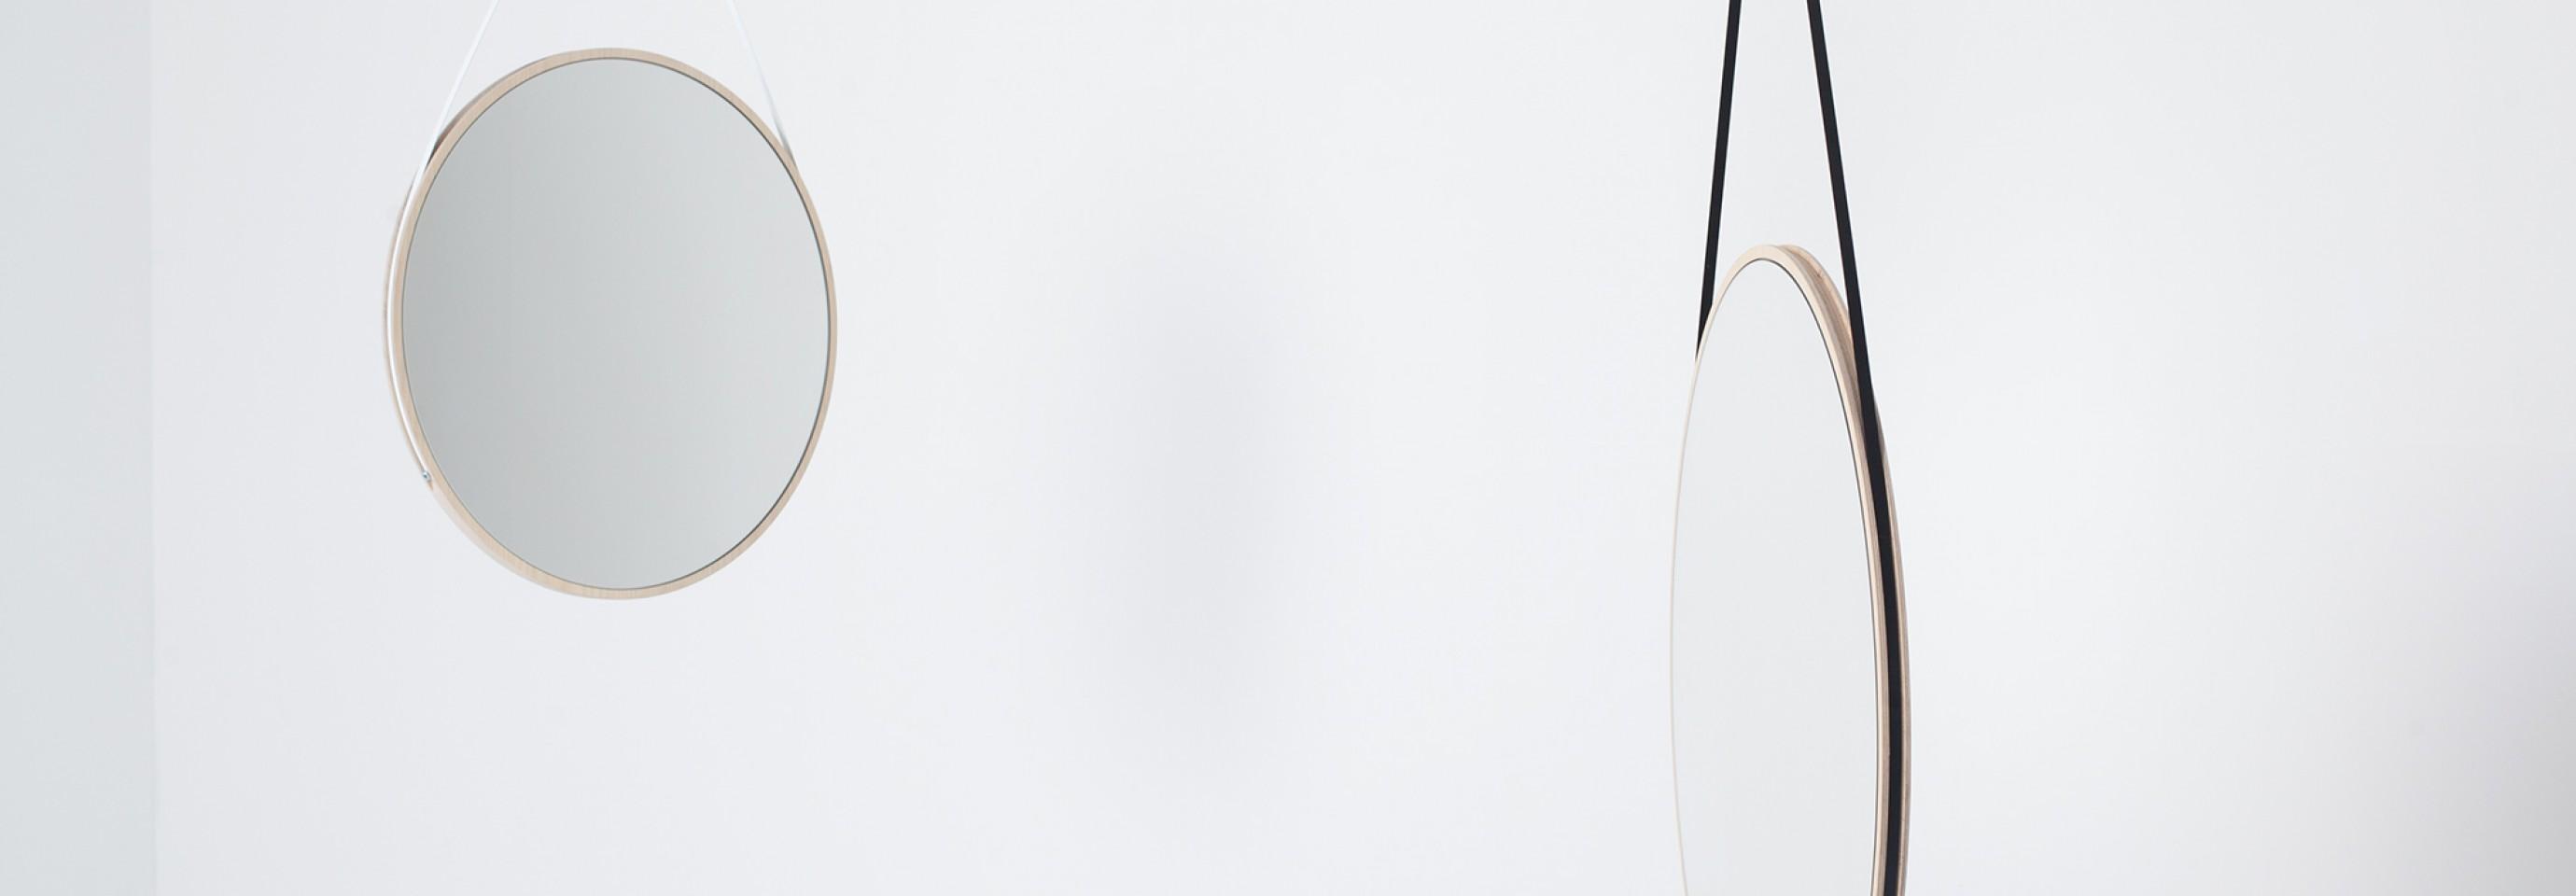 Schneider Mirror Medium - Designer David Spinner Victors Design Agency